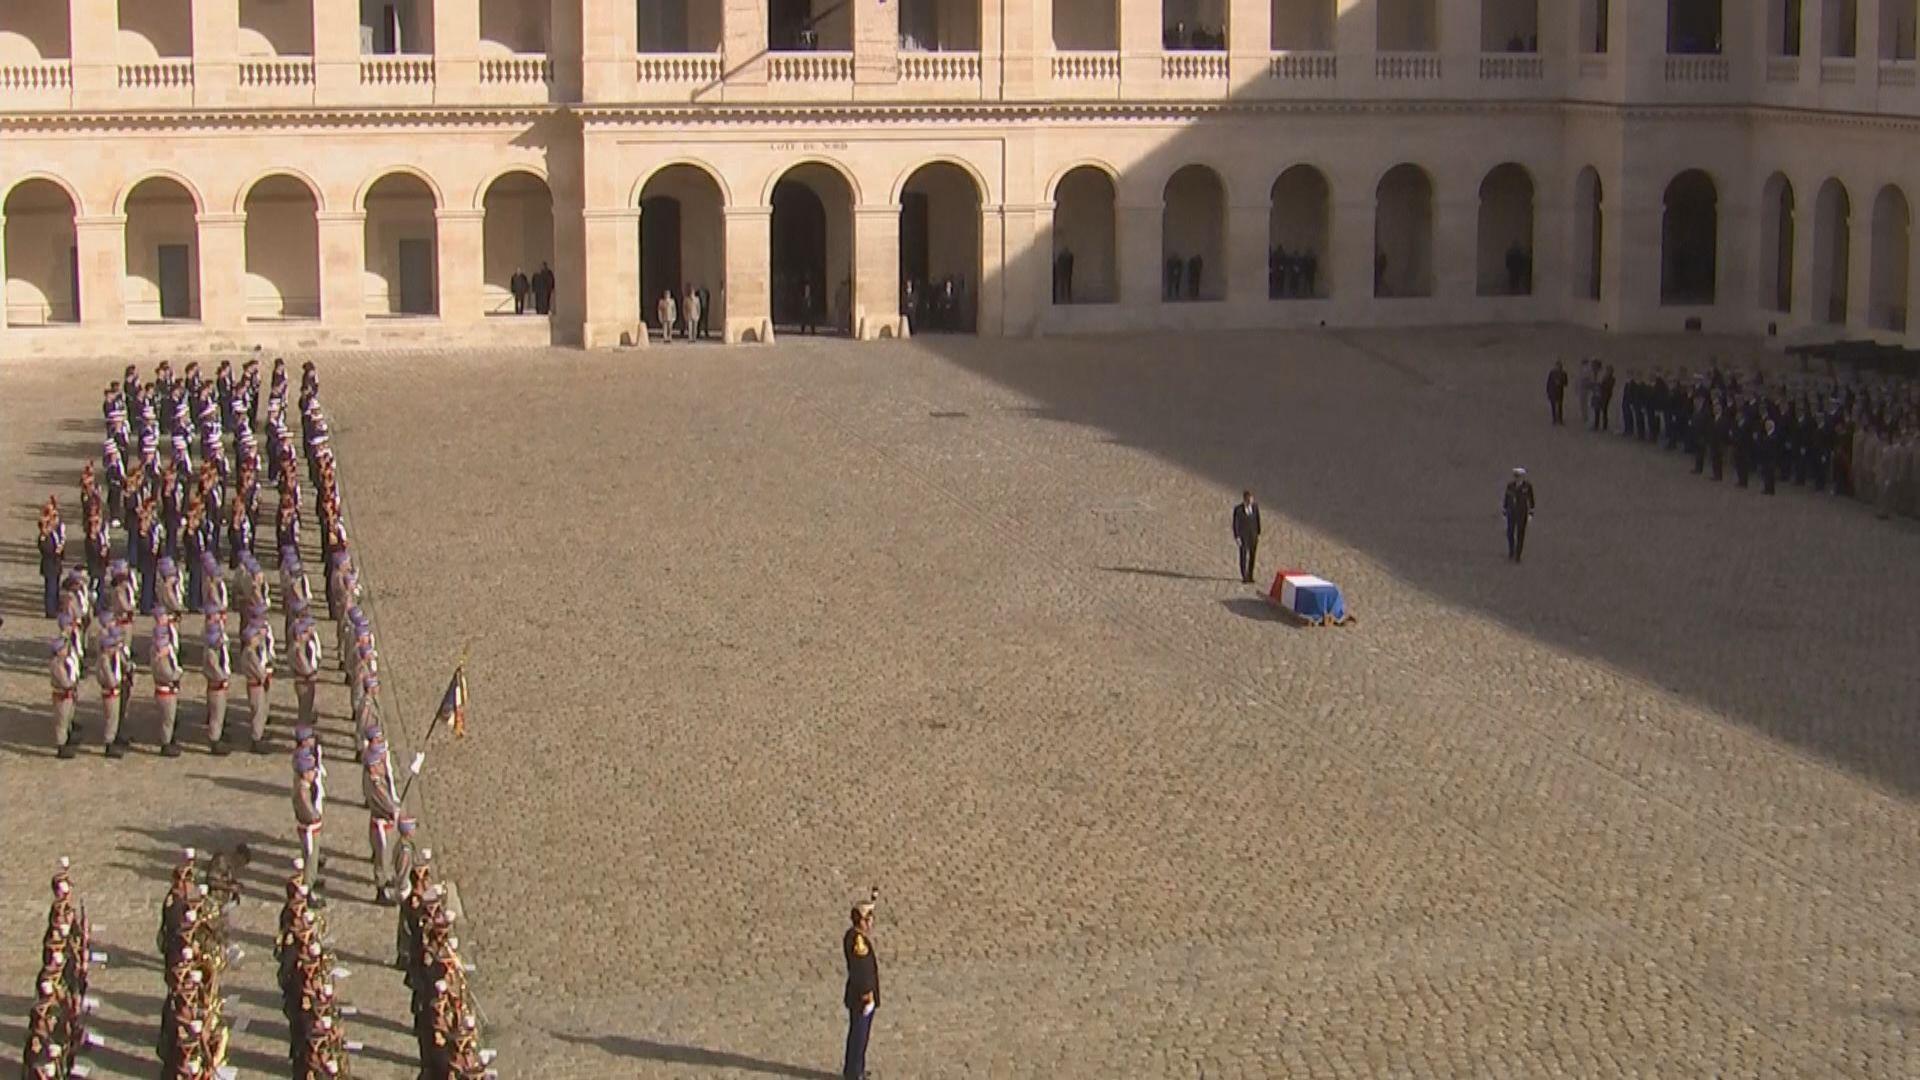 法國全國哀悼日送別已故前總統希拉克